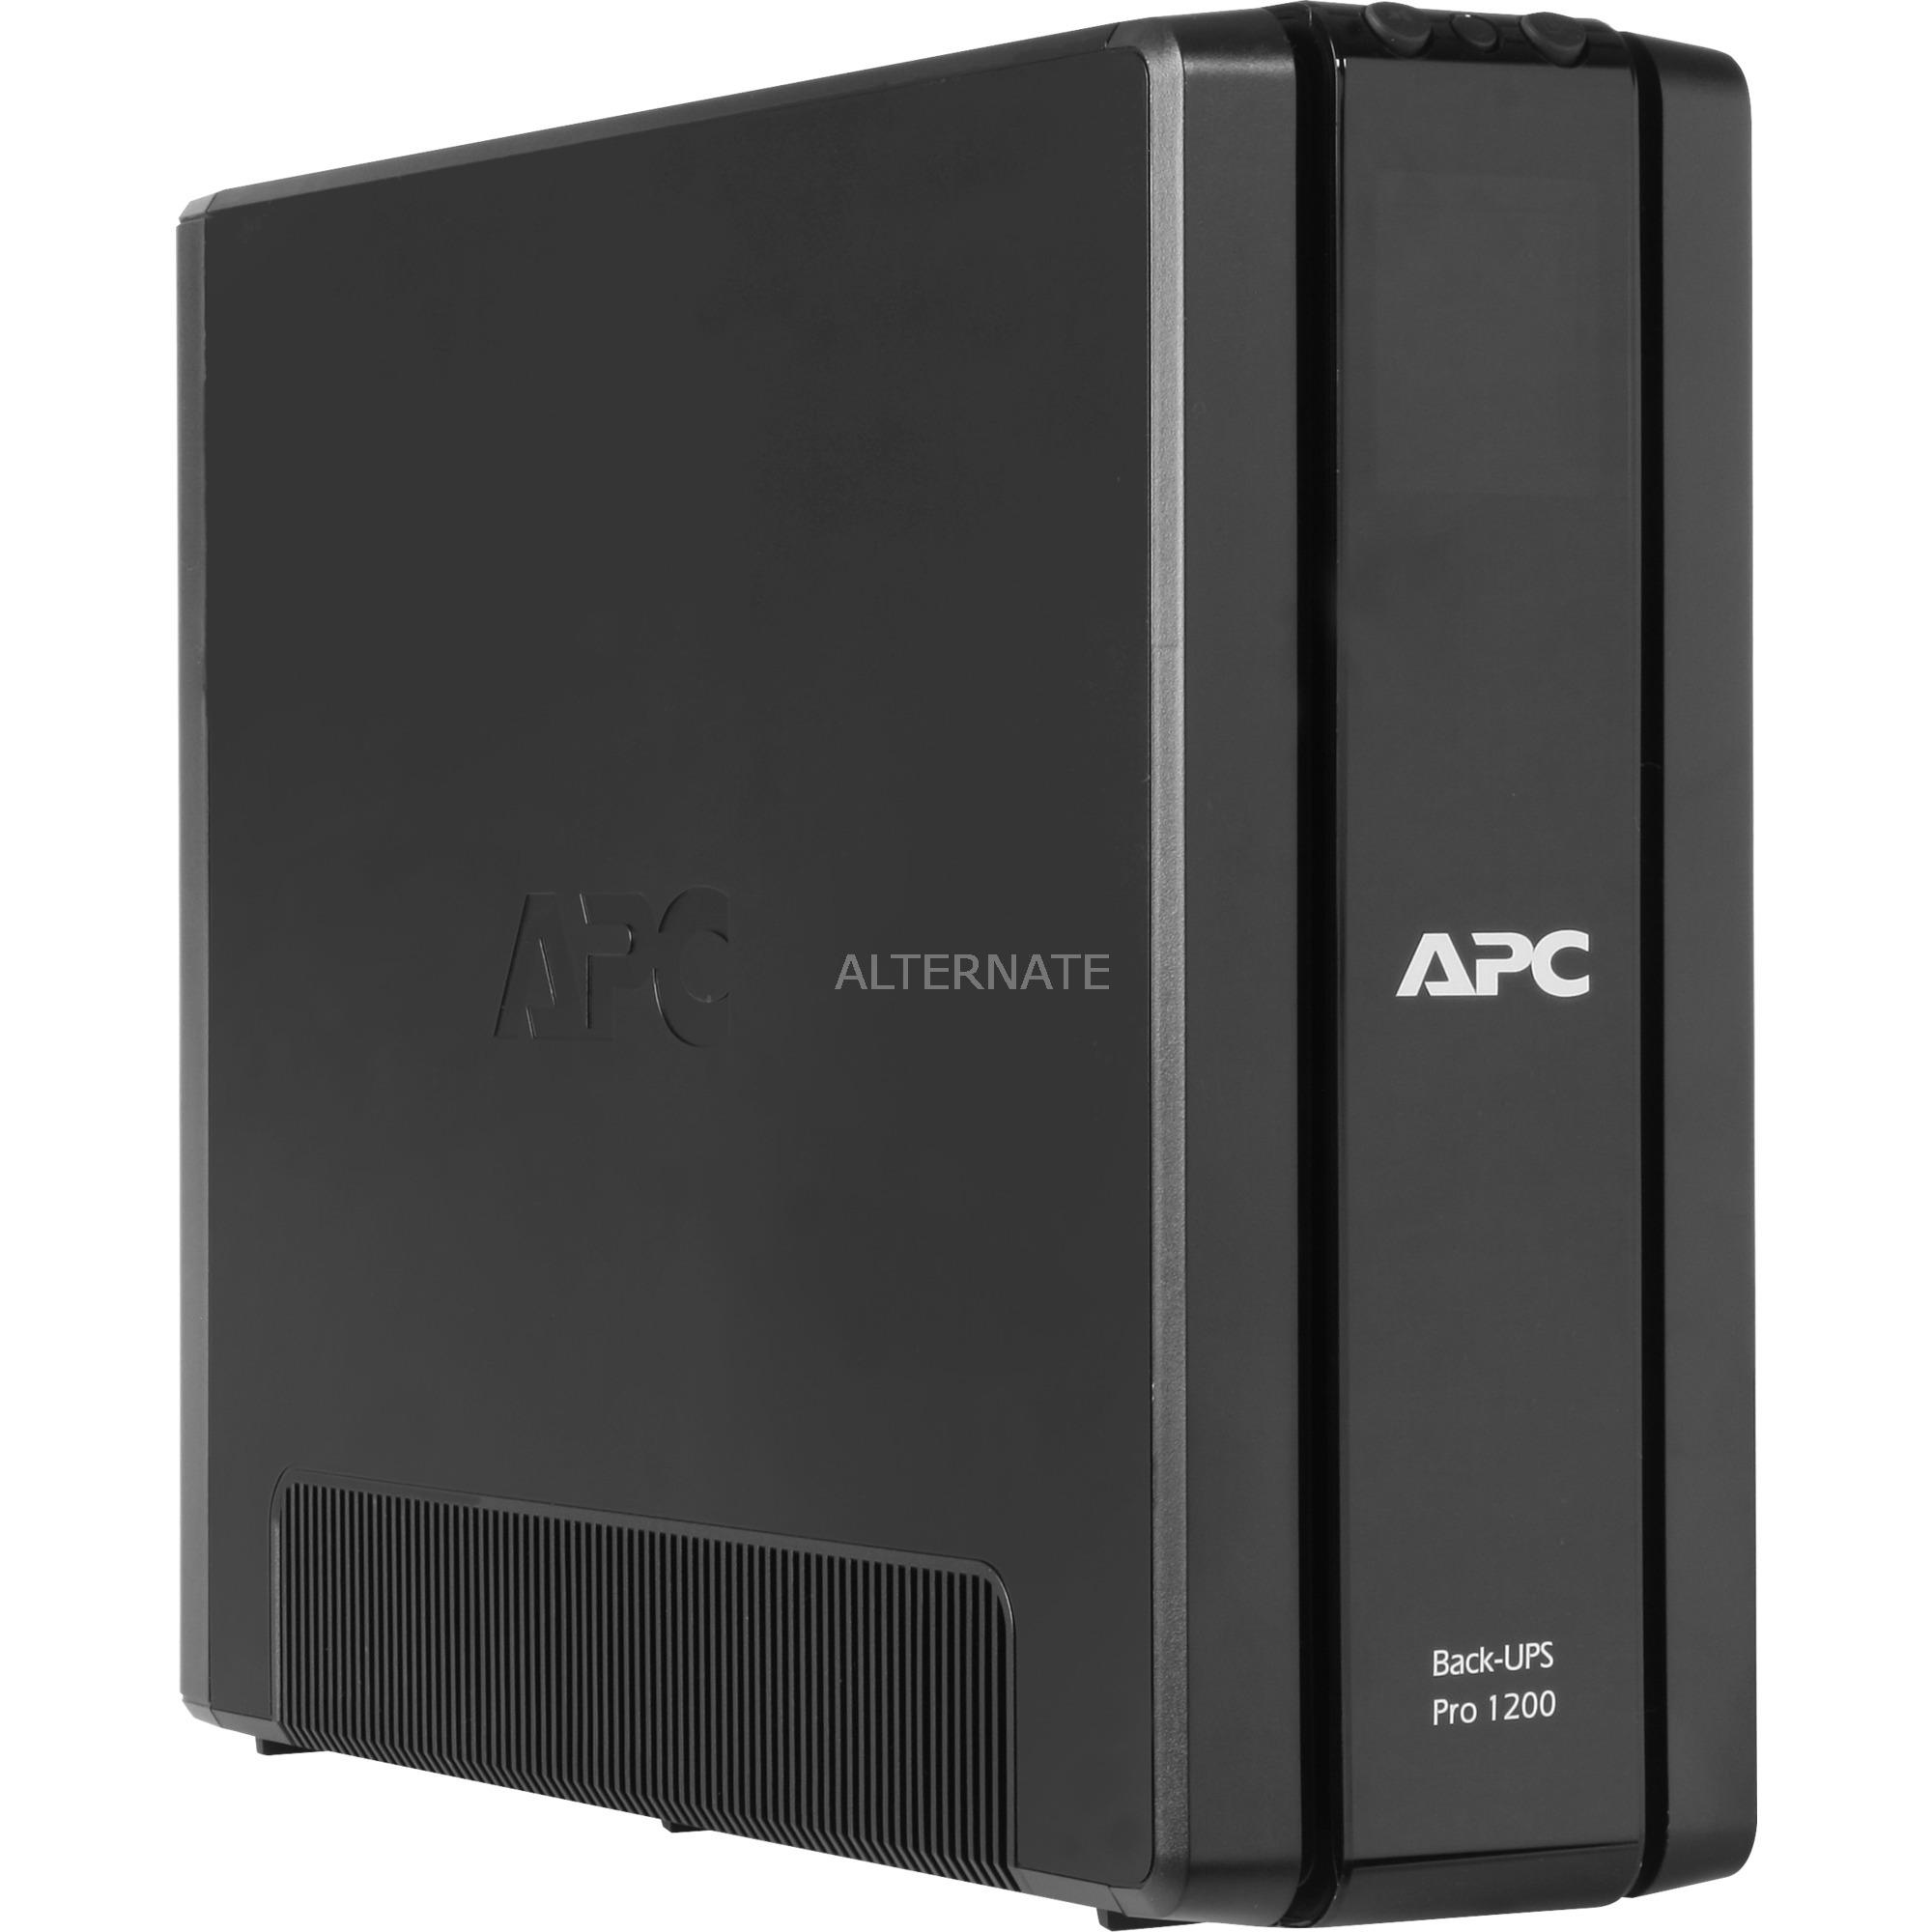 Back-UPS Pro sistema de alimentación ininterrumpida (UPS) Línea interactiva 1200 VA 720 W 10 salidas AC